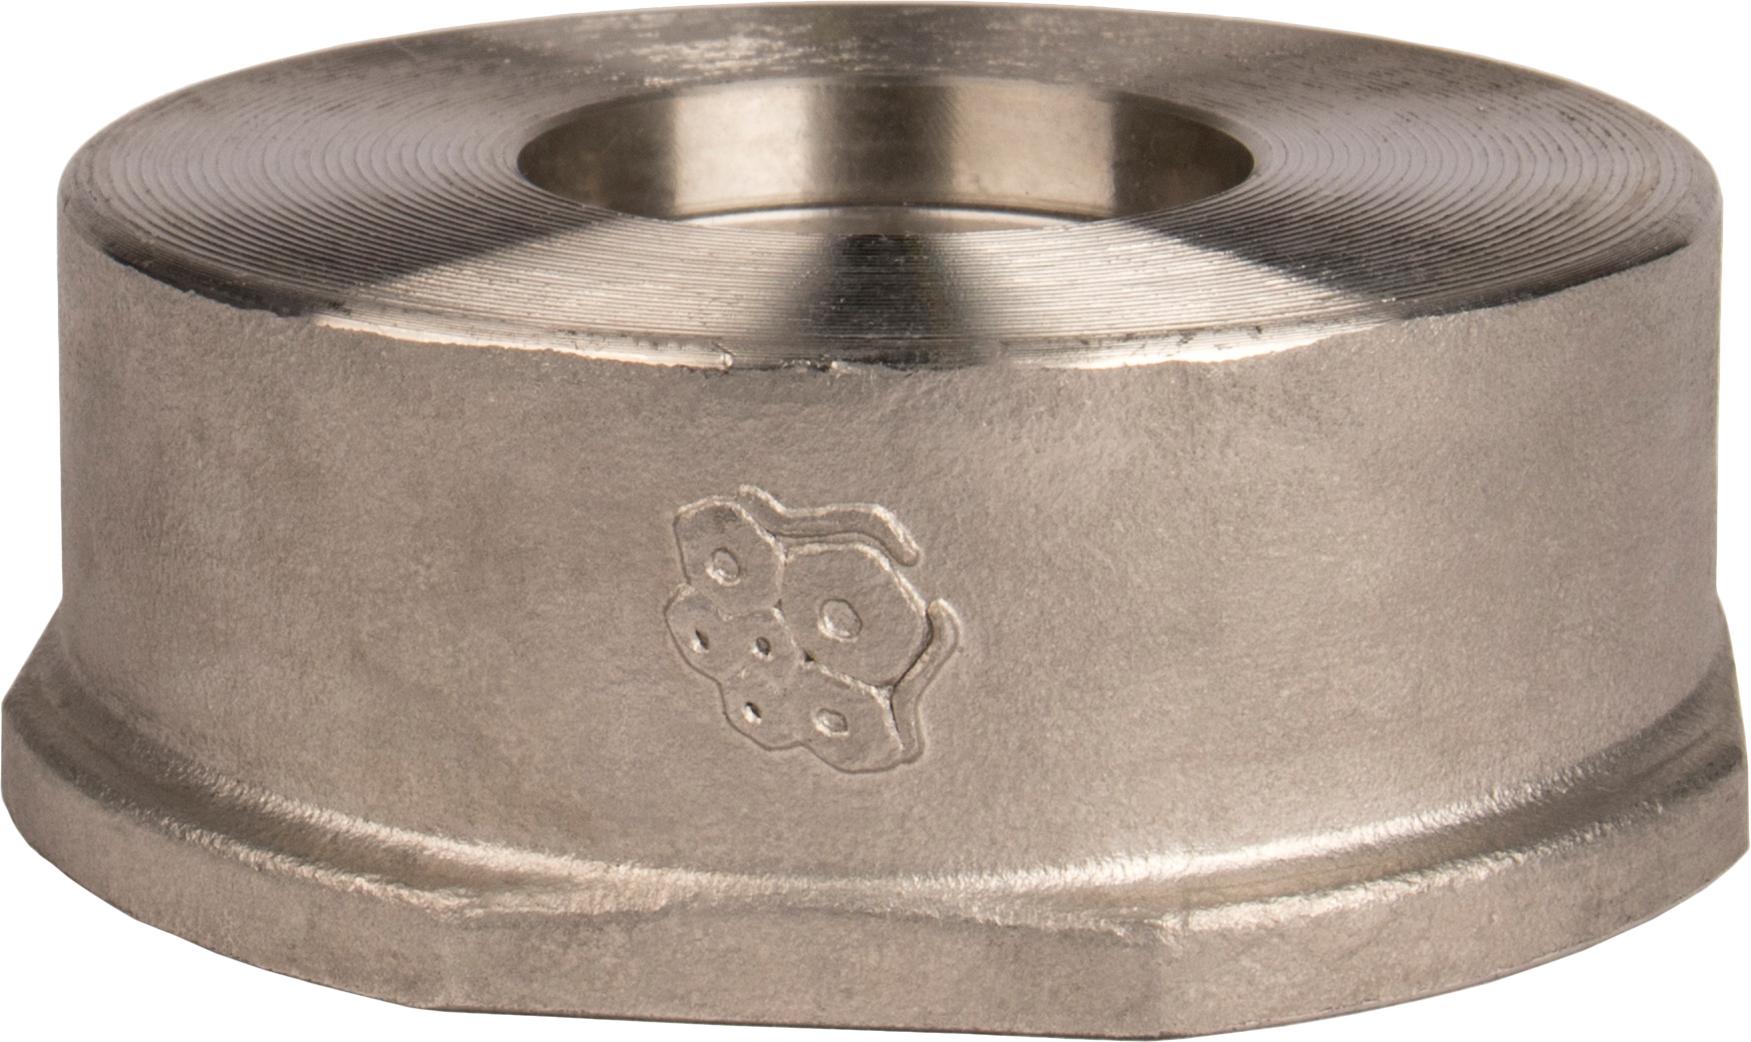 Клапан обратный пружинный из нержавеющей стали межфланцевый Rushwork 404-050-40 DN50